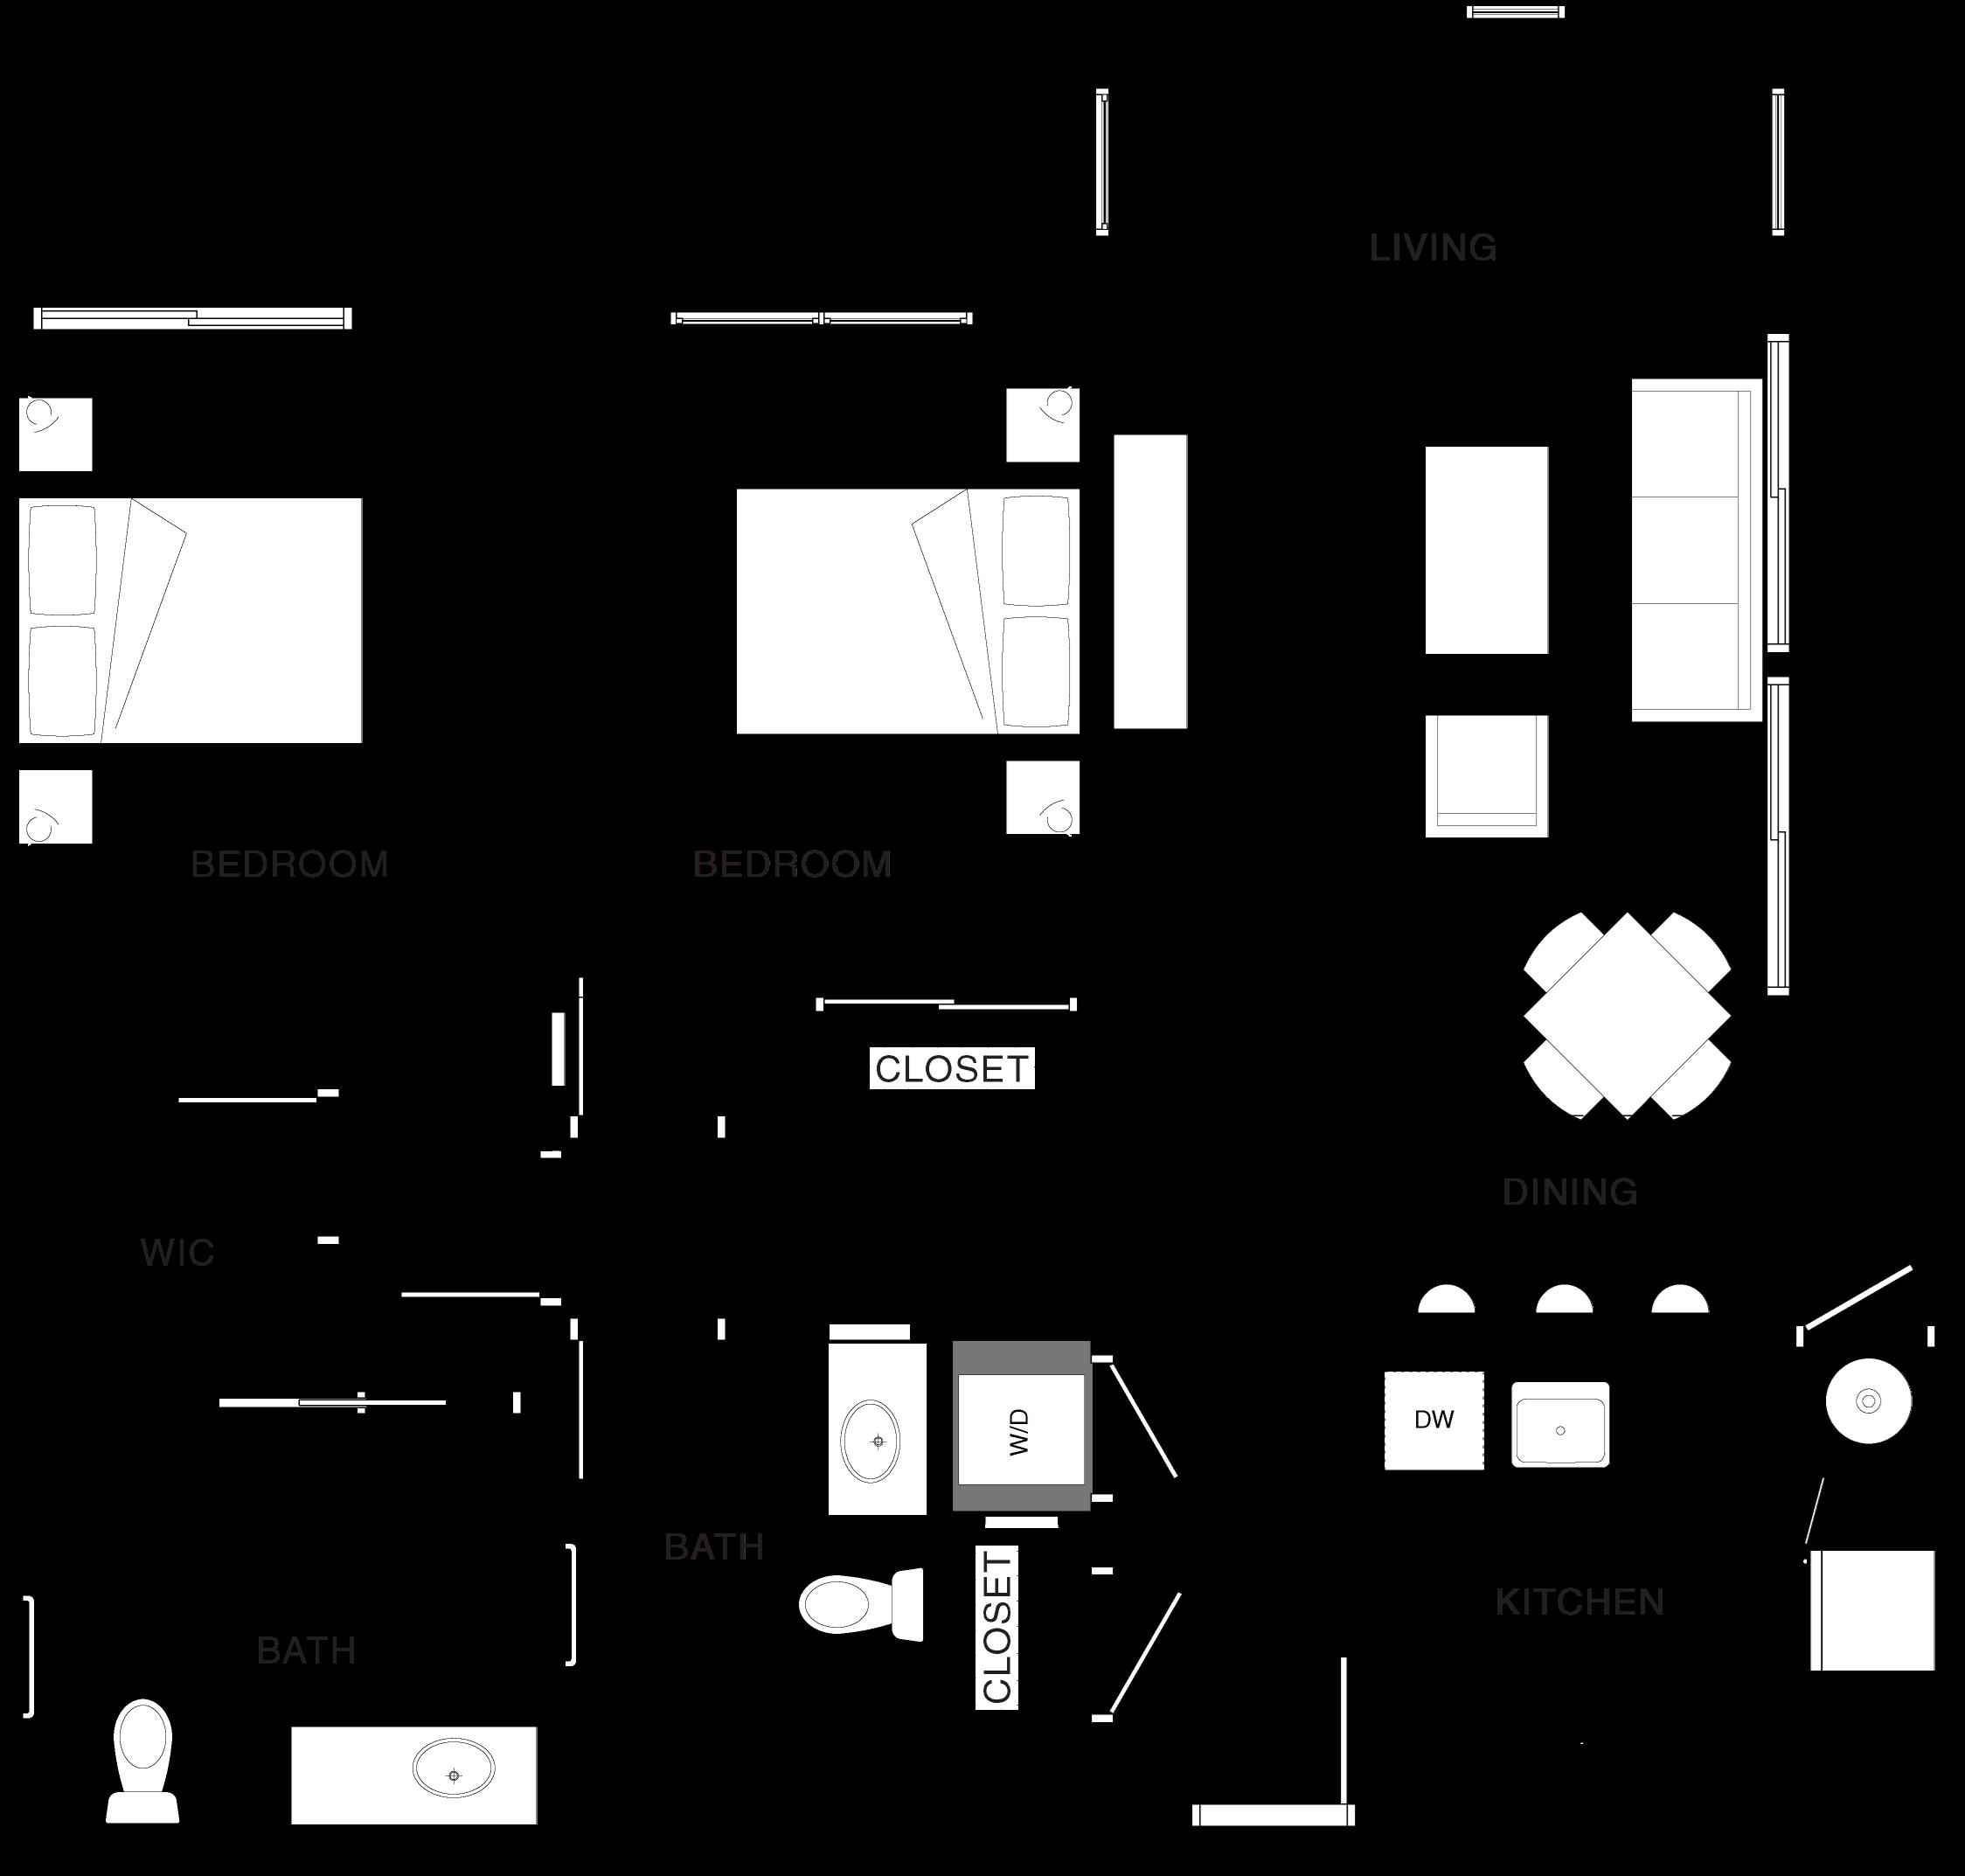 2C-2 Floor Plan 16